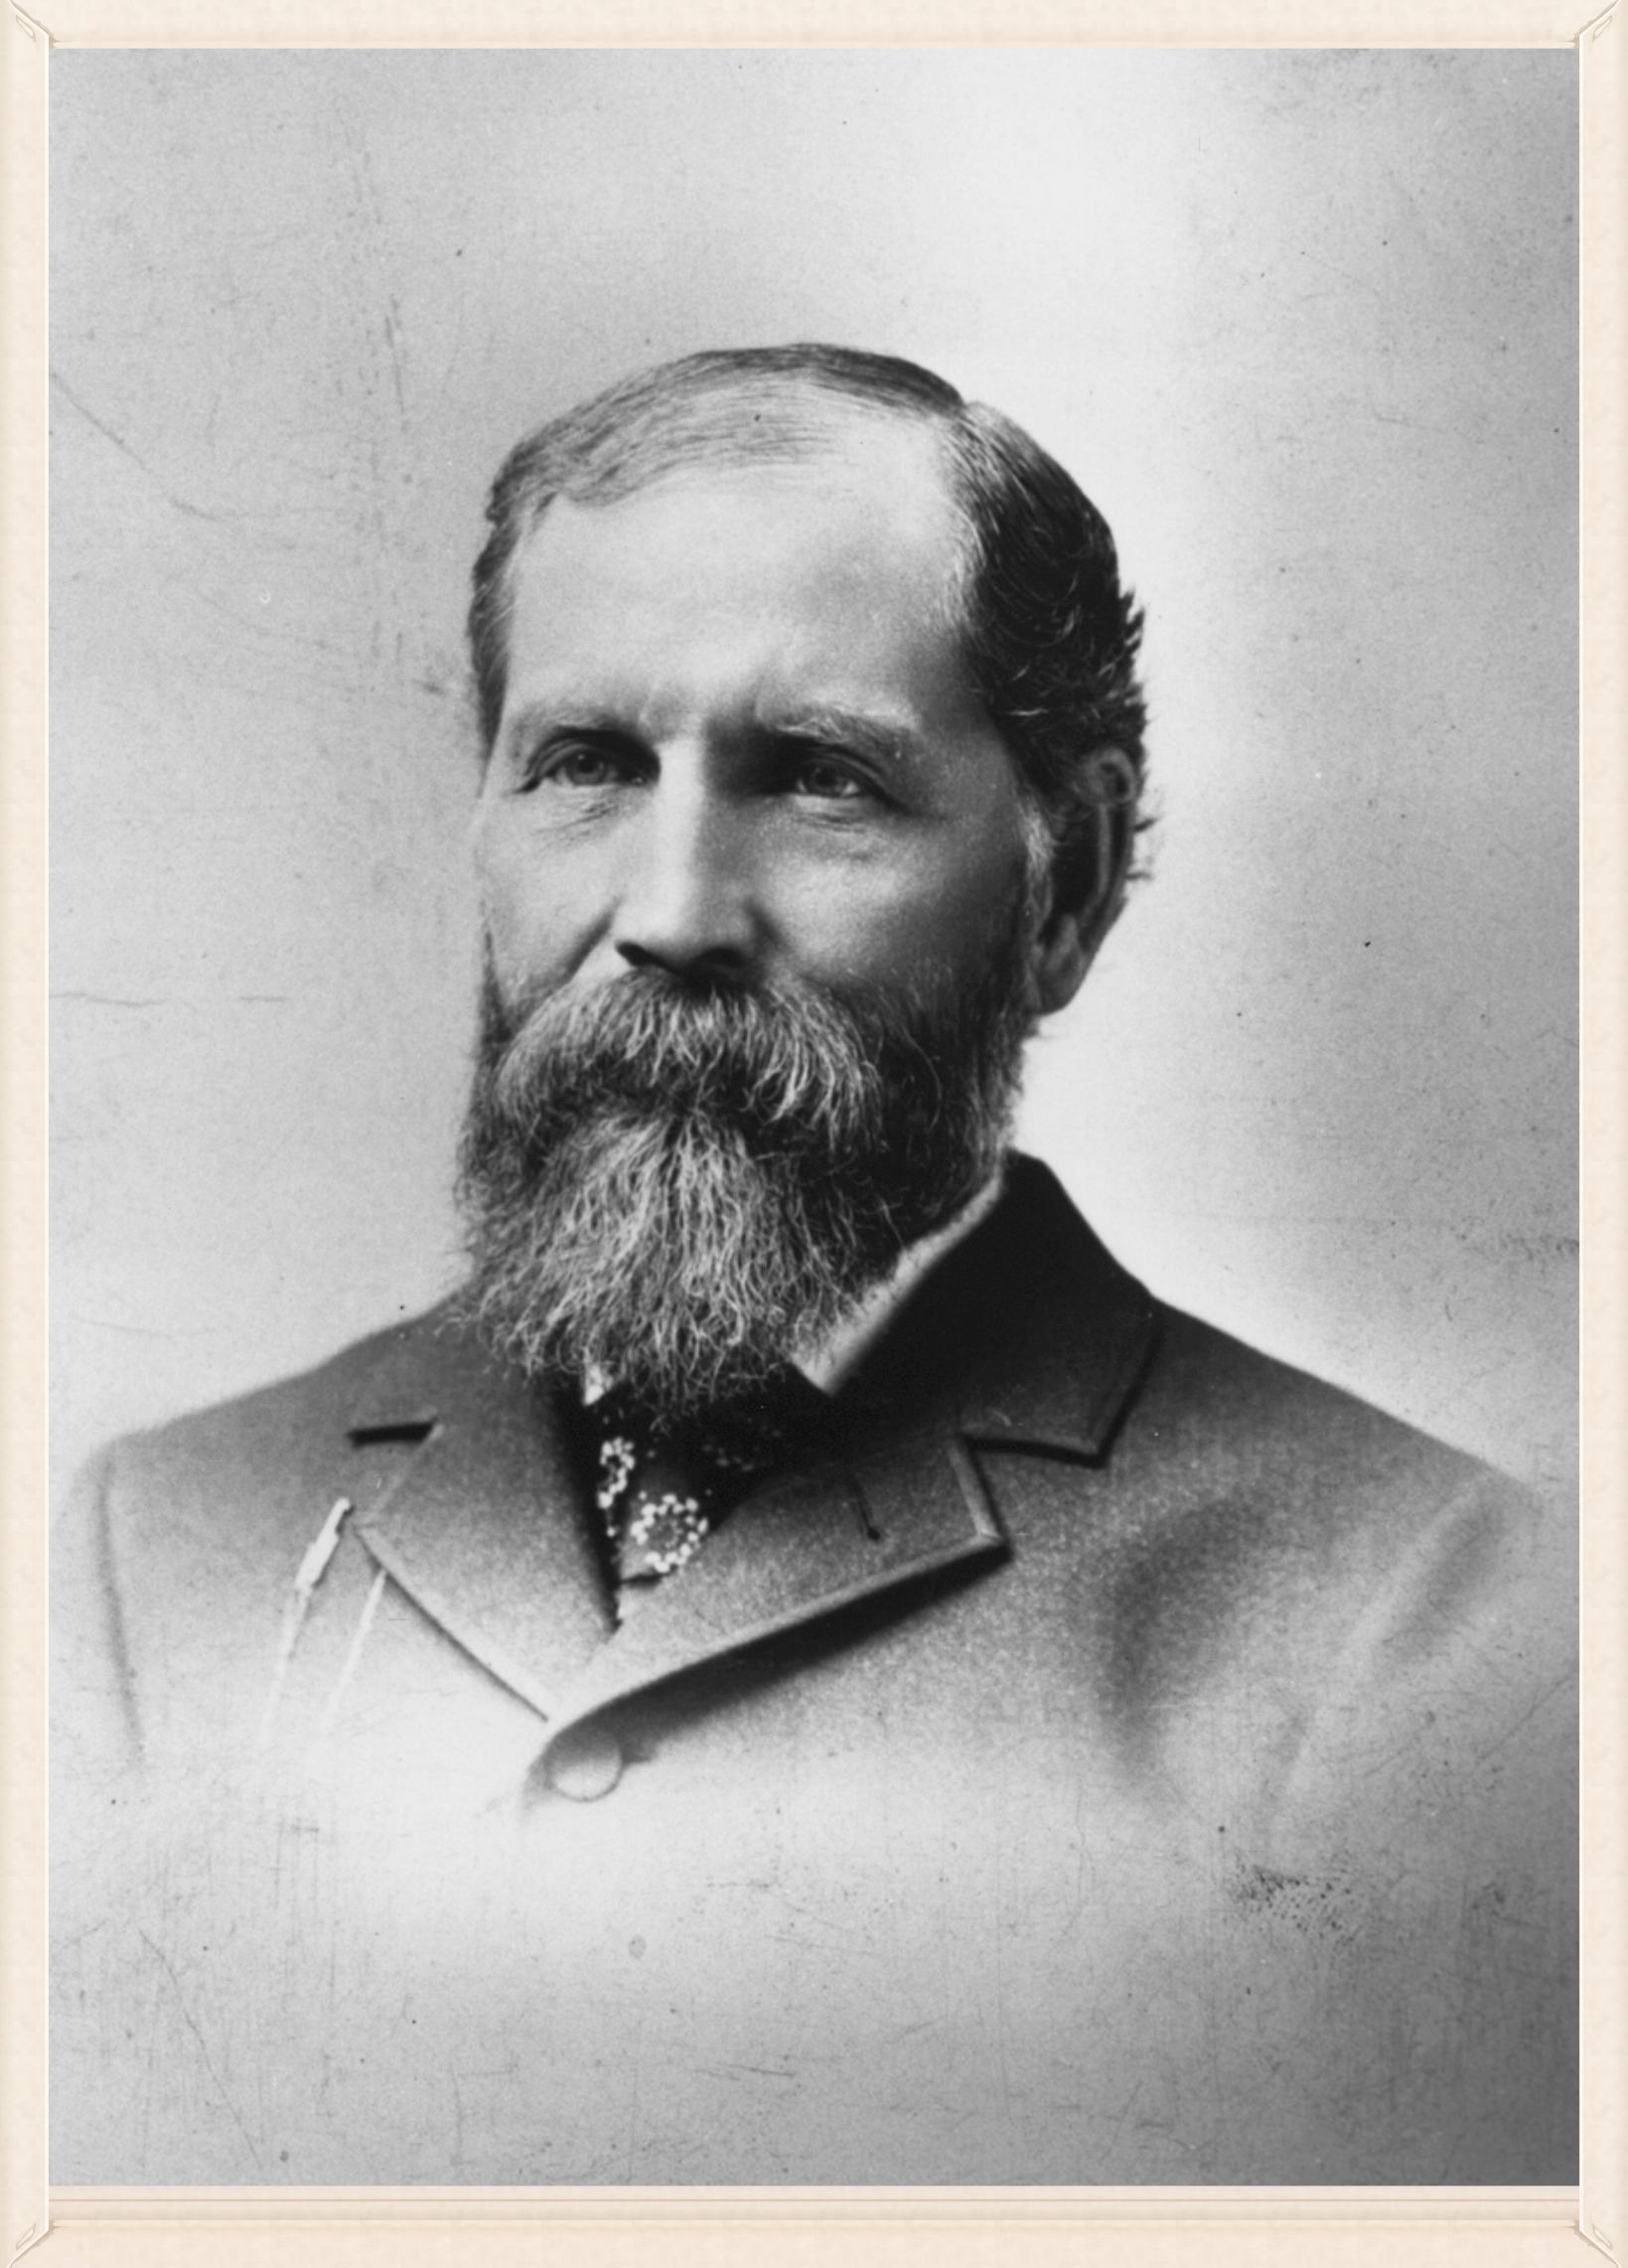 Theodore Weld Otis